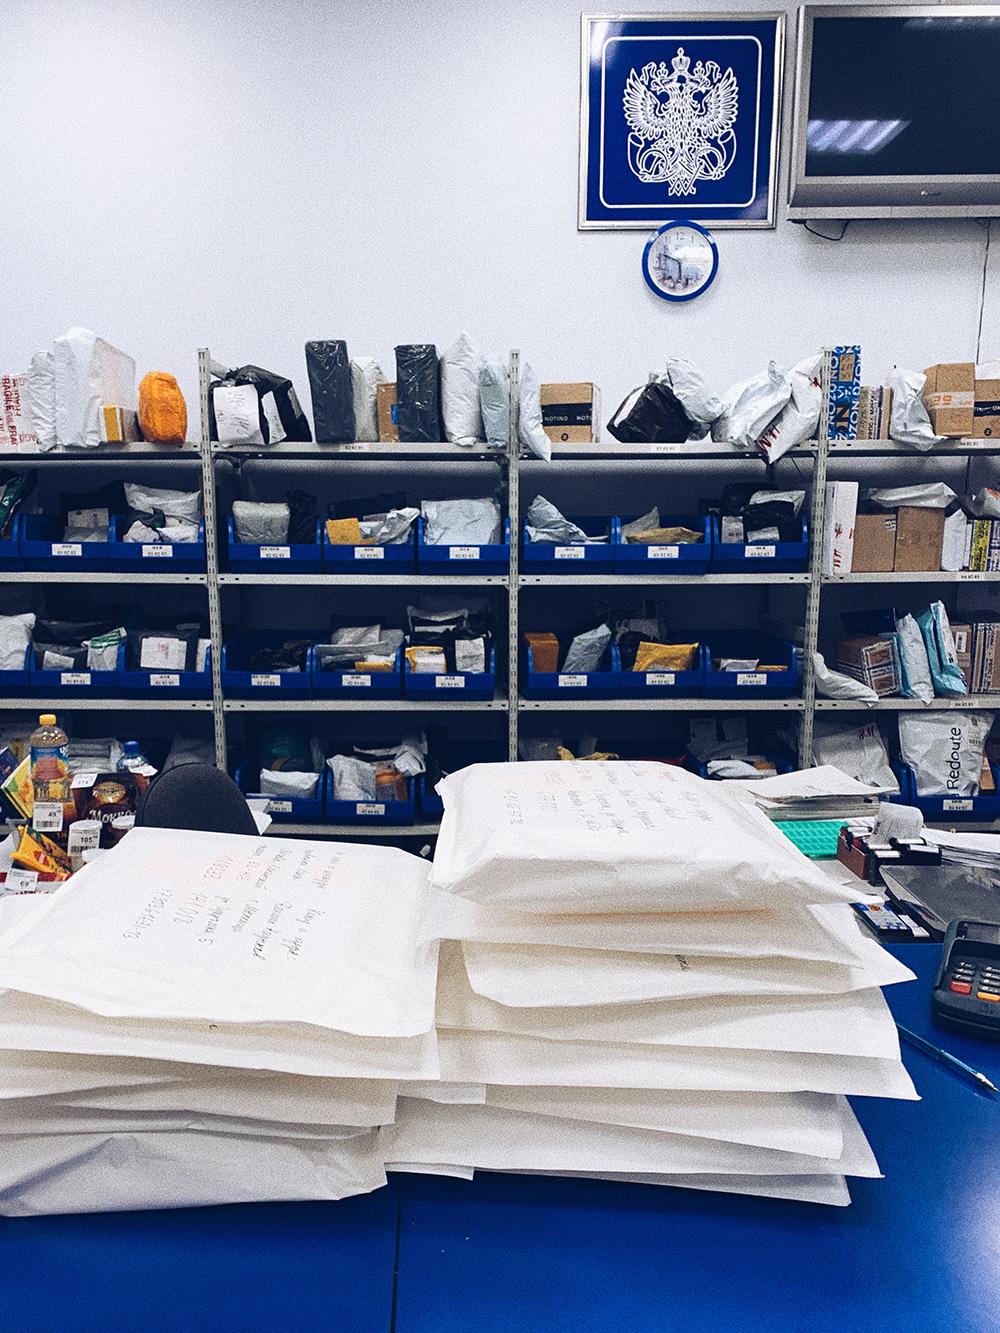 Книги мы отправляли в специальных почтовых конвертах с пупырками внутри